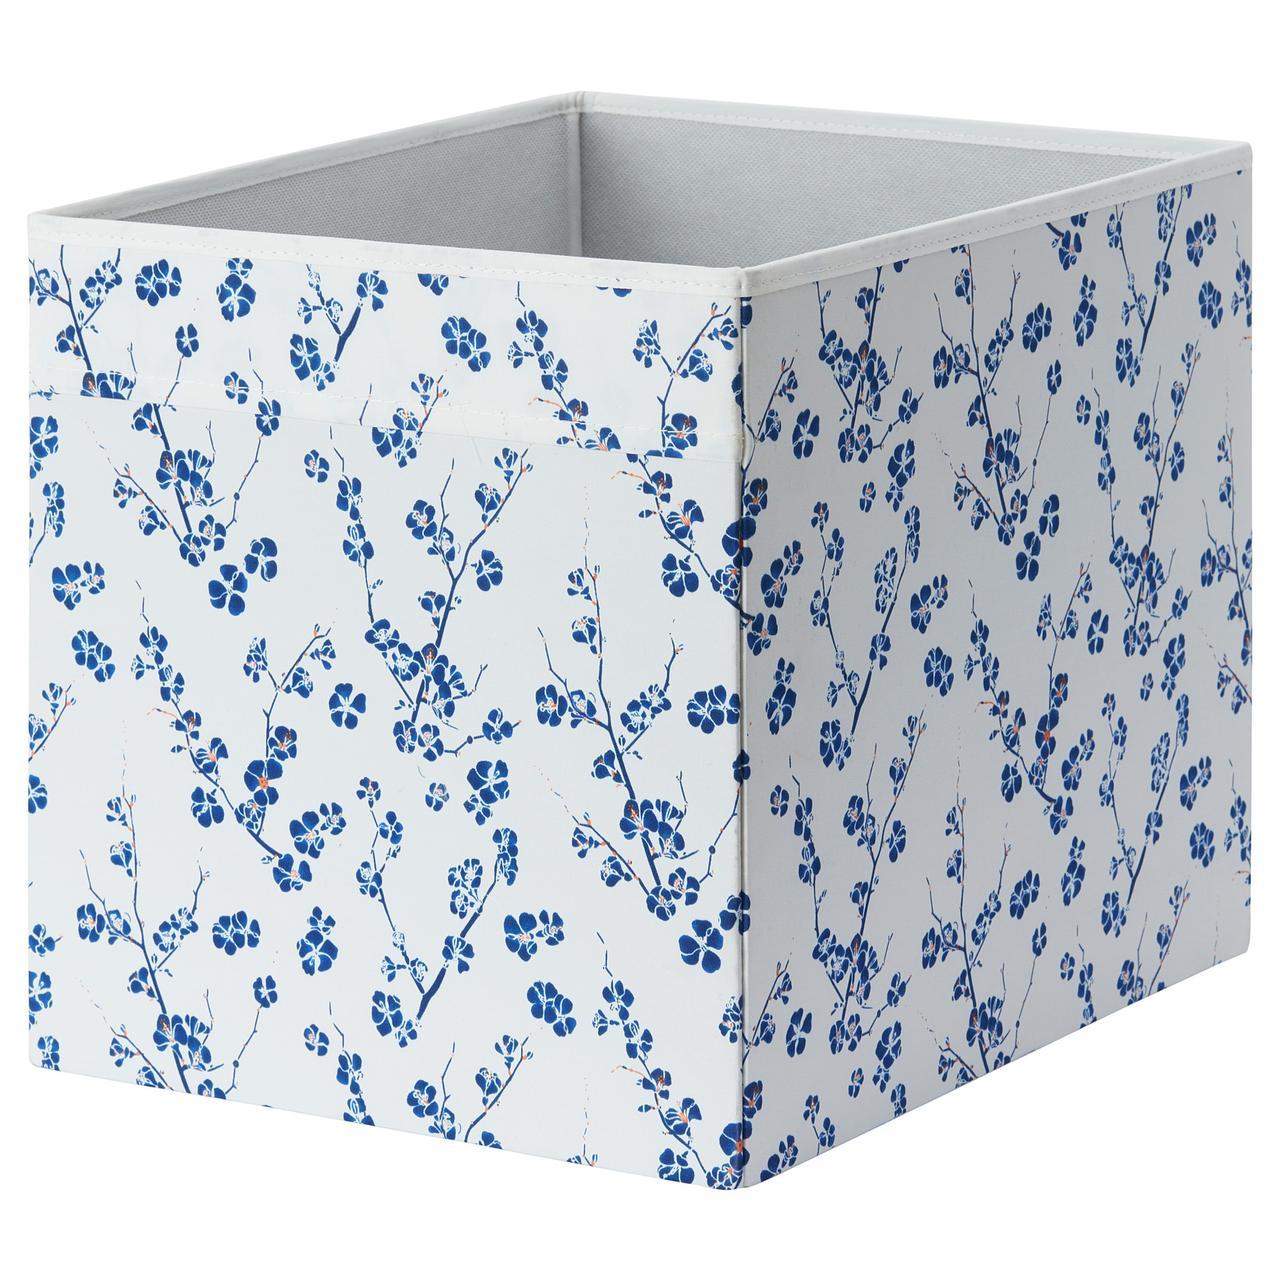 ДРЁНА Коробка, белый, синий с цветочным орнаментом